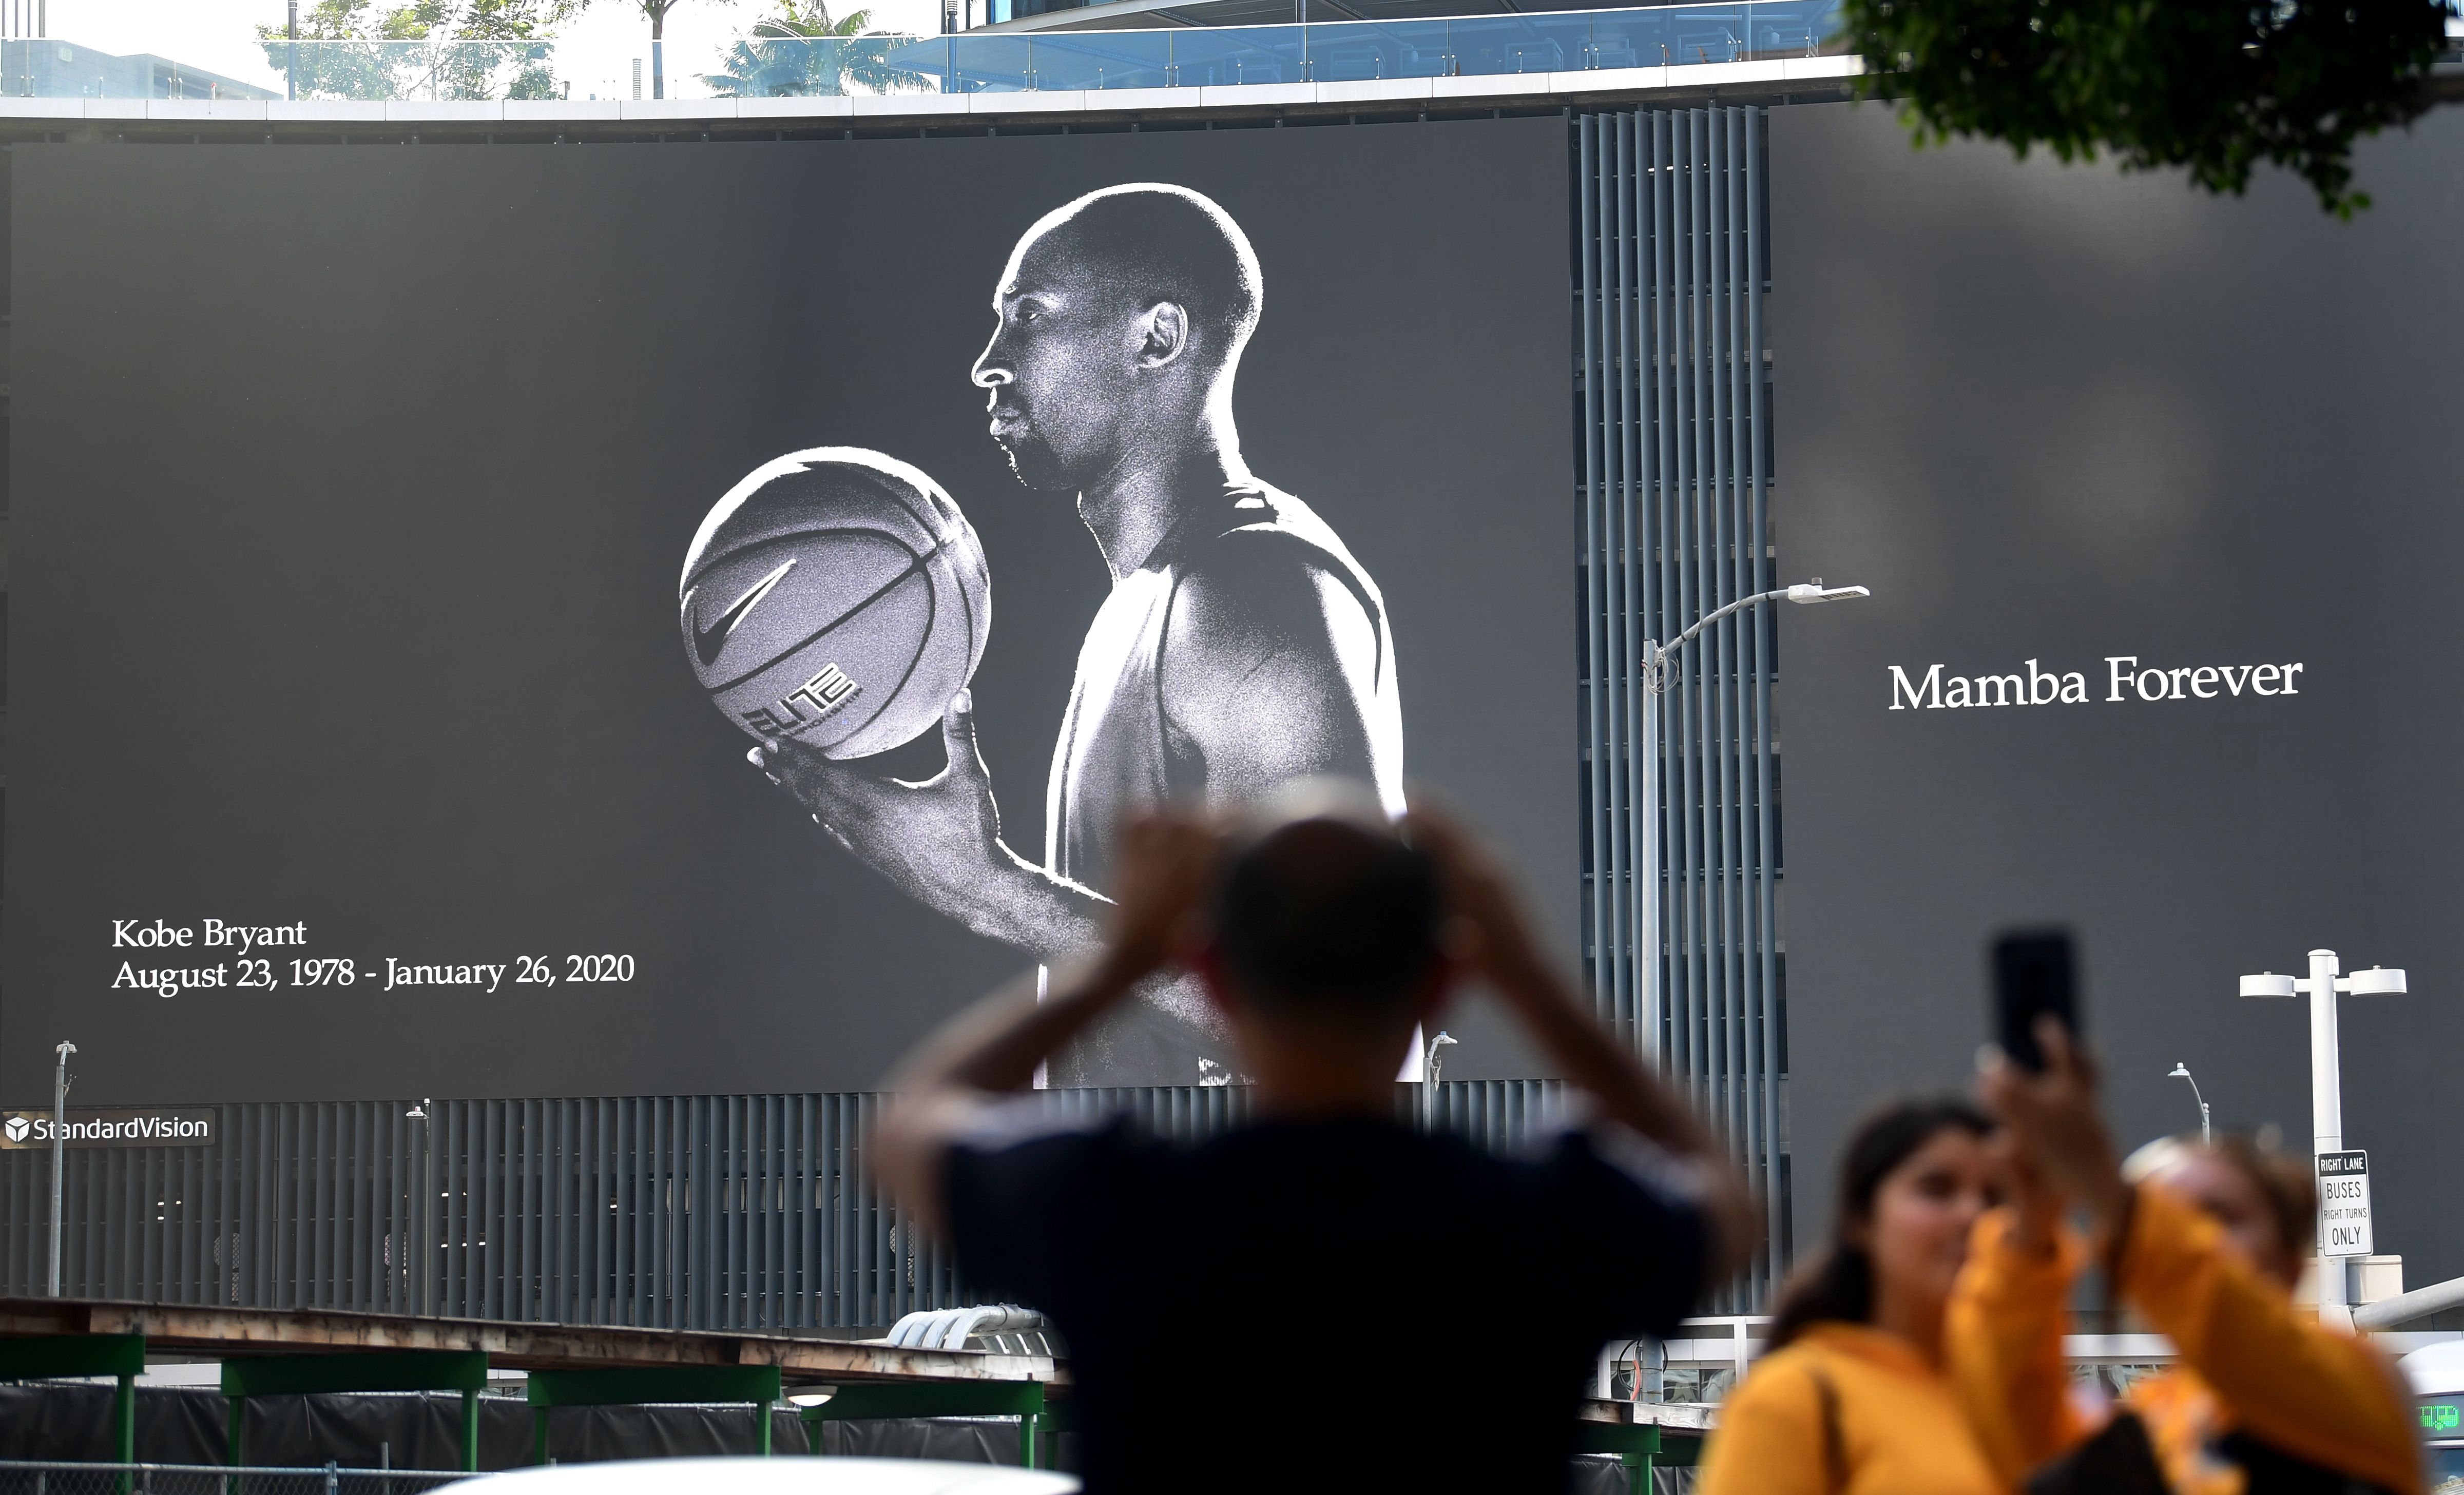 Kobe Bryant Staples Center Billboard Day He Passed